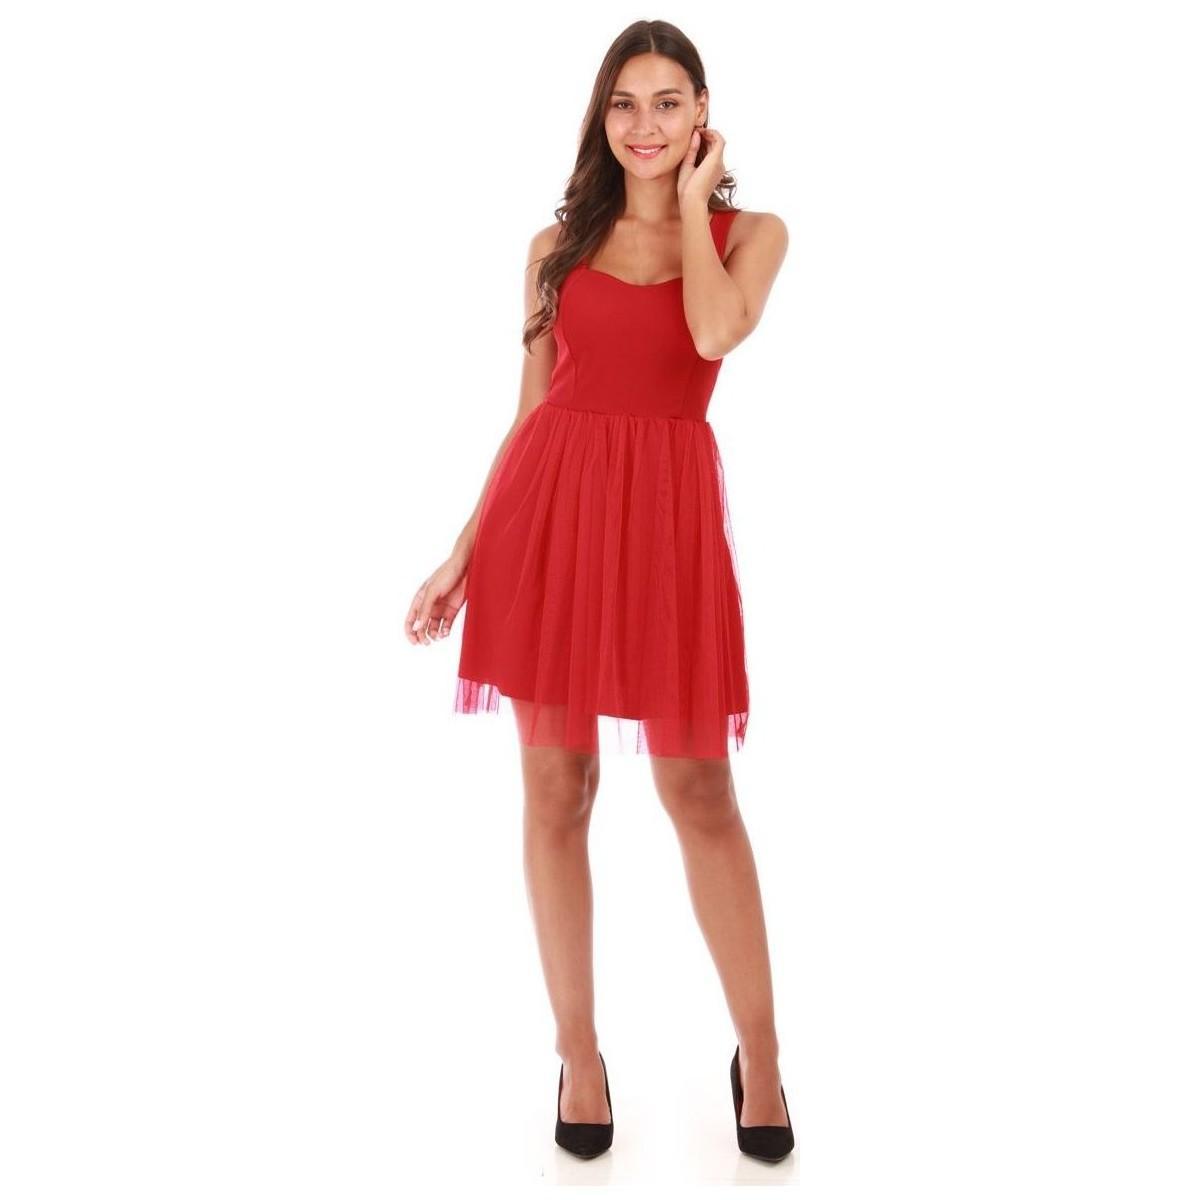 Robe rouge courte Tulle La Modeuse en coloris Rouge